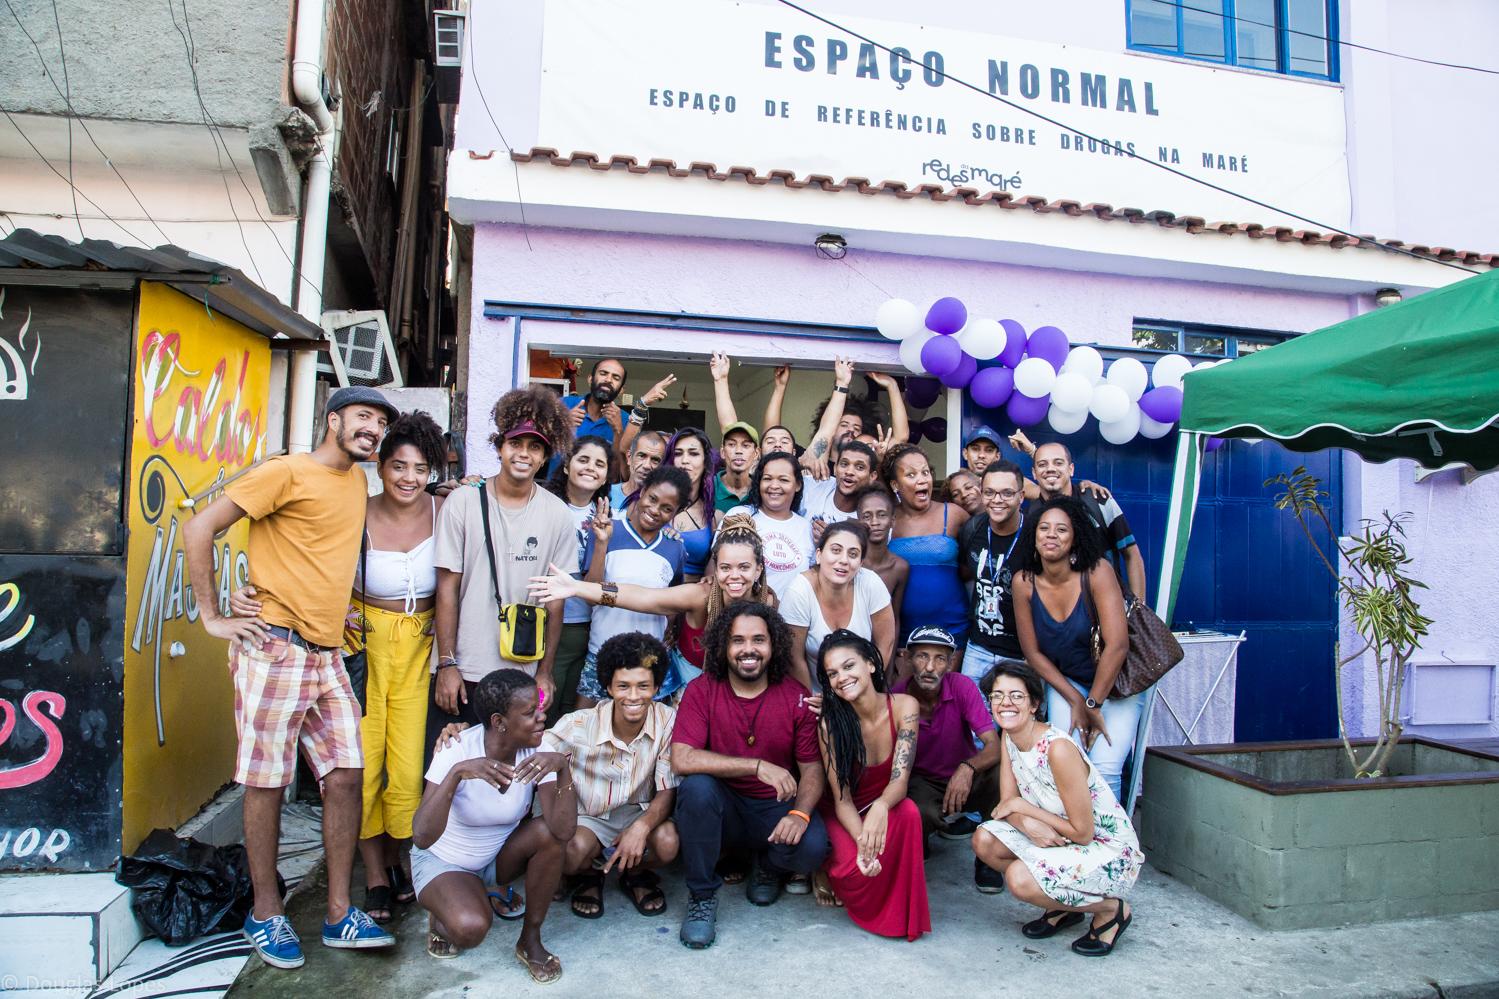 Espaço Normal comemora um ano da inauguração de centro de convivência